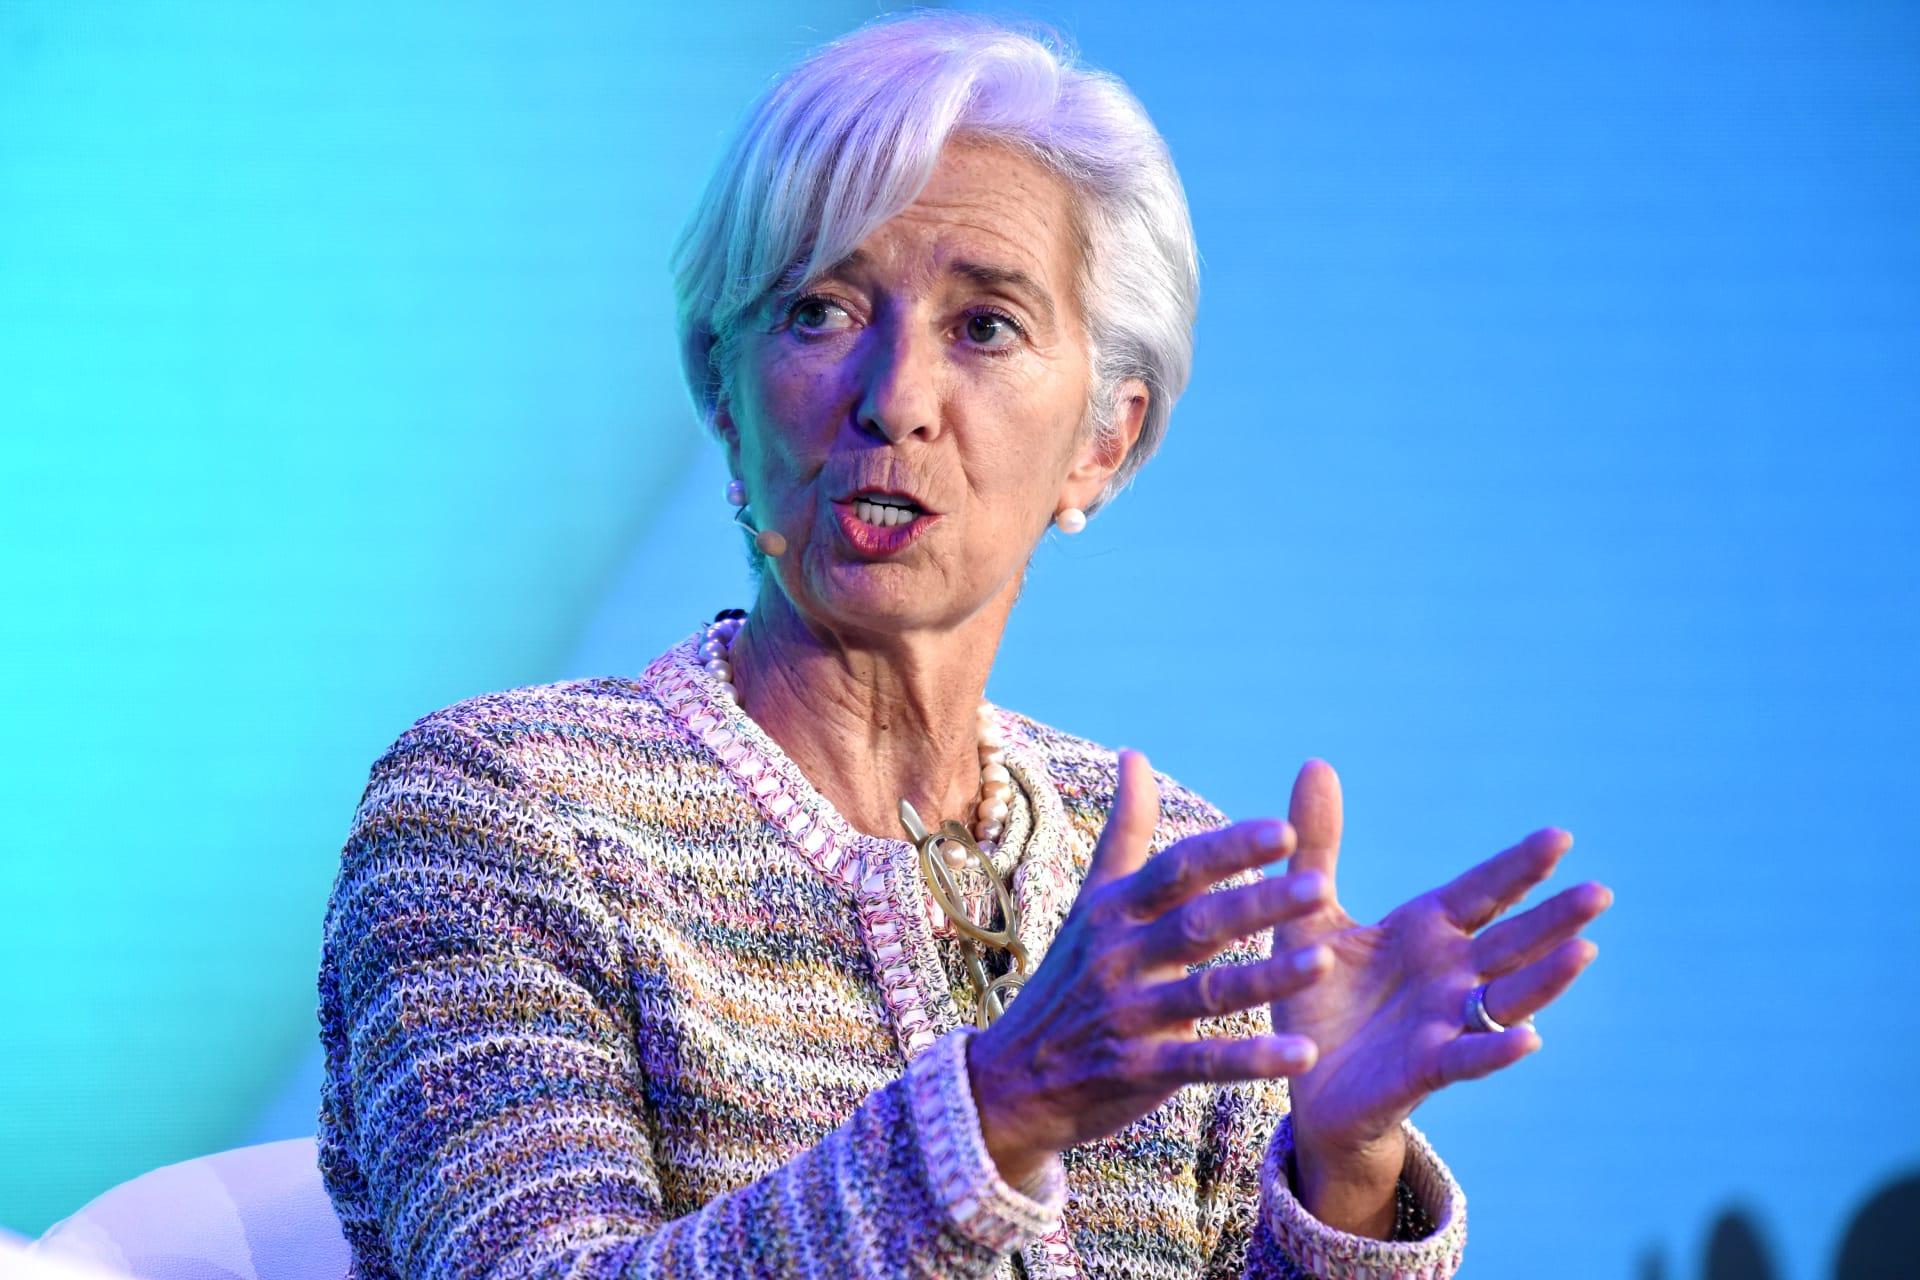 مدير صندوق النقد الدولي: سأوصي بصرف ملياري دولار لمصر